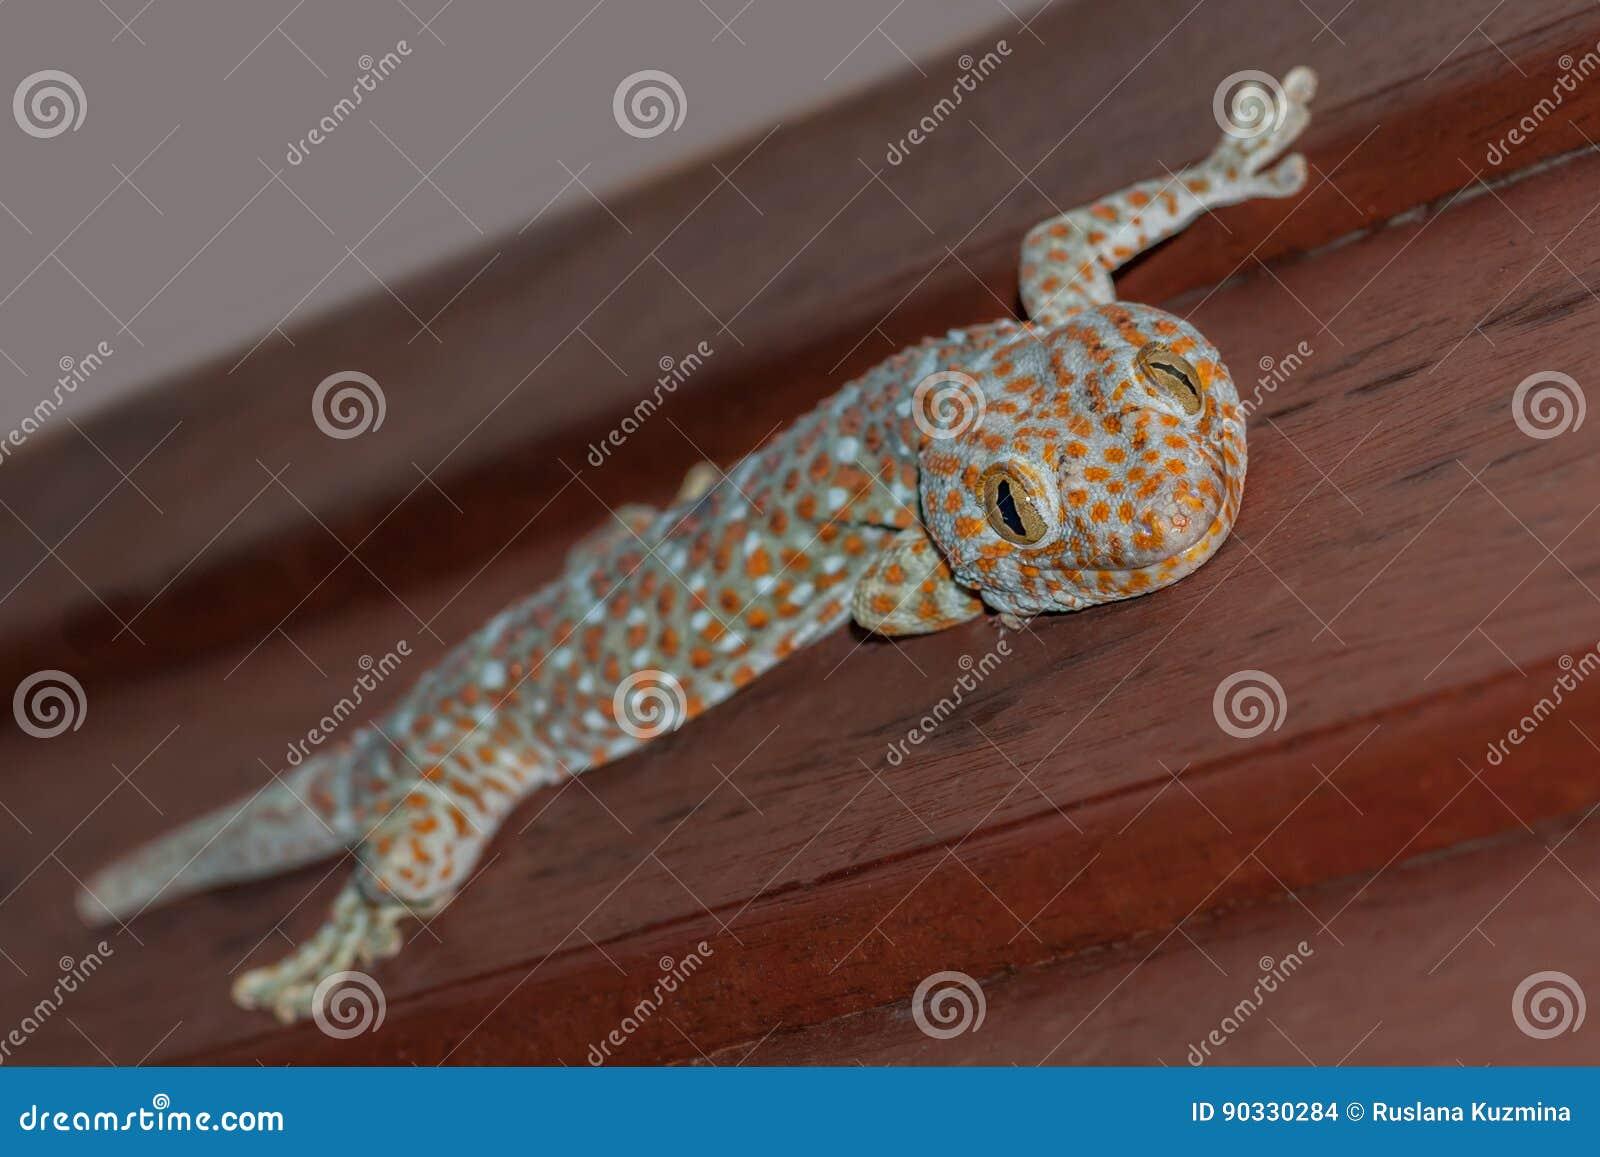 Lézard de tokee de gekko de gecko de Tokay, bleu et orange se reposant sur un mur et un sourire en bois